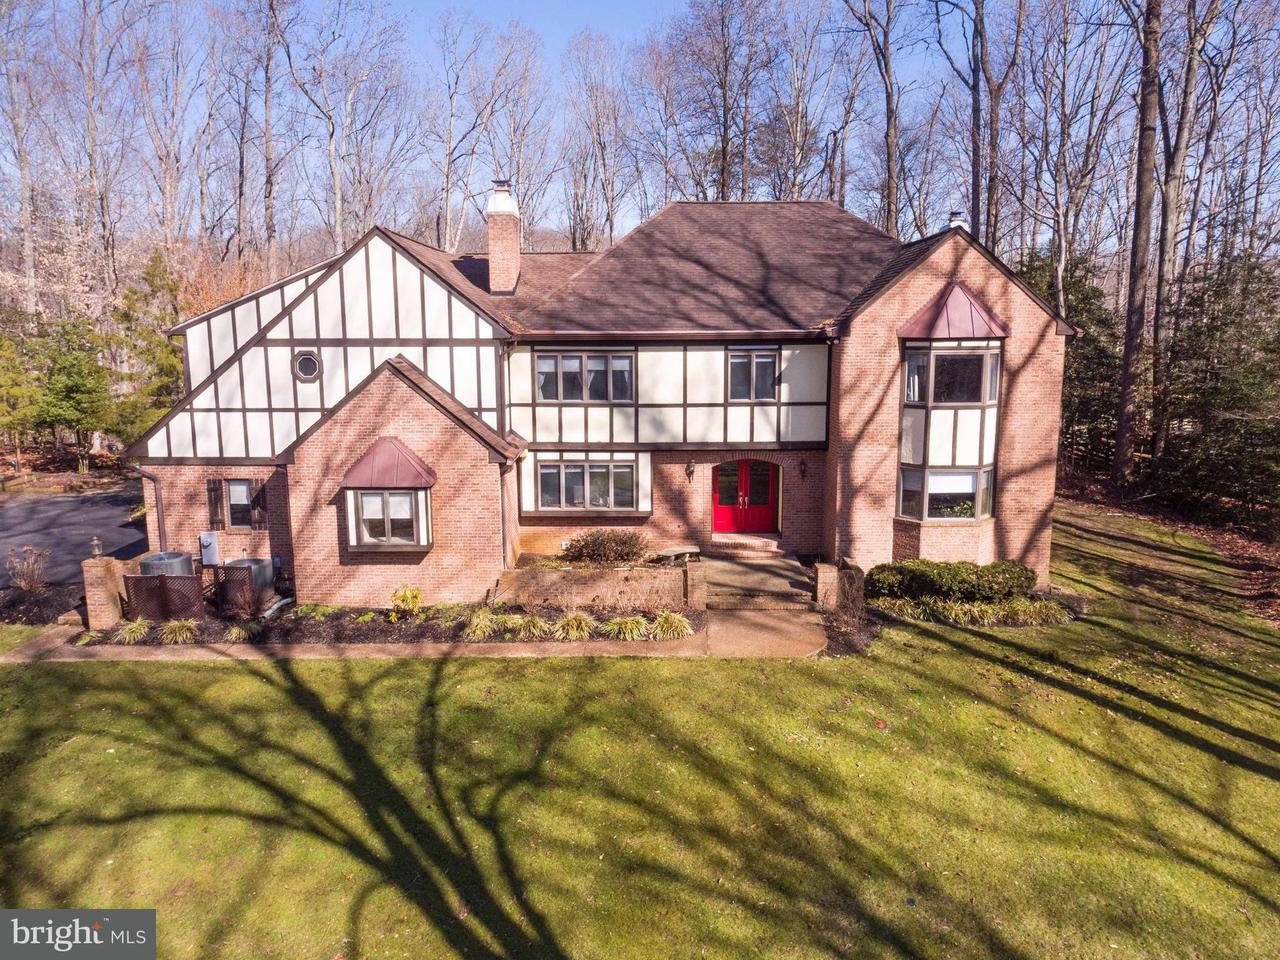 Частный односемейный дом для того Продажа на 2005 Huntwood Drive 2005 Huntwood Drive Gambrills, Мэриленд 21054 Соединенные Штаты